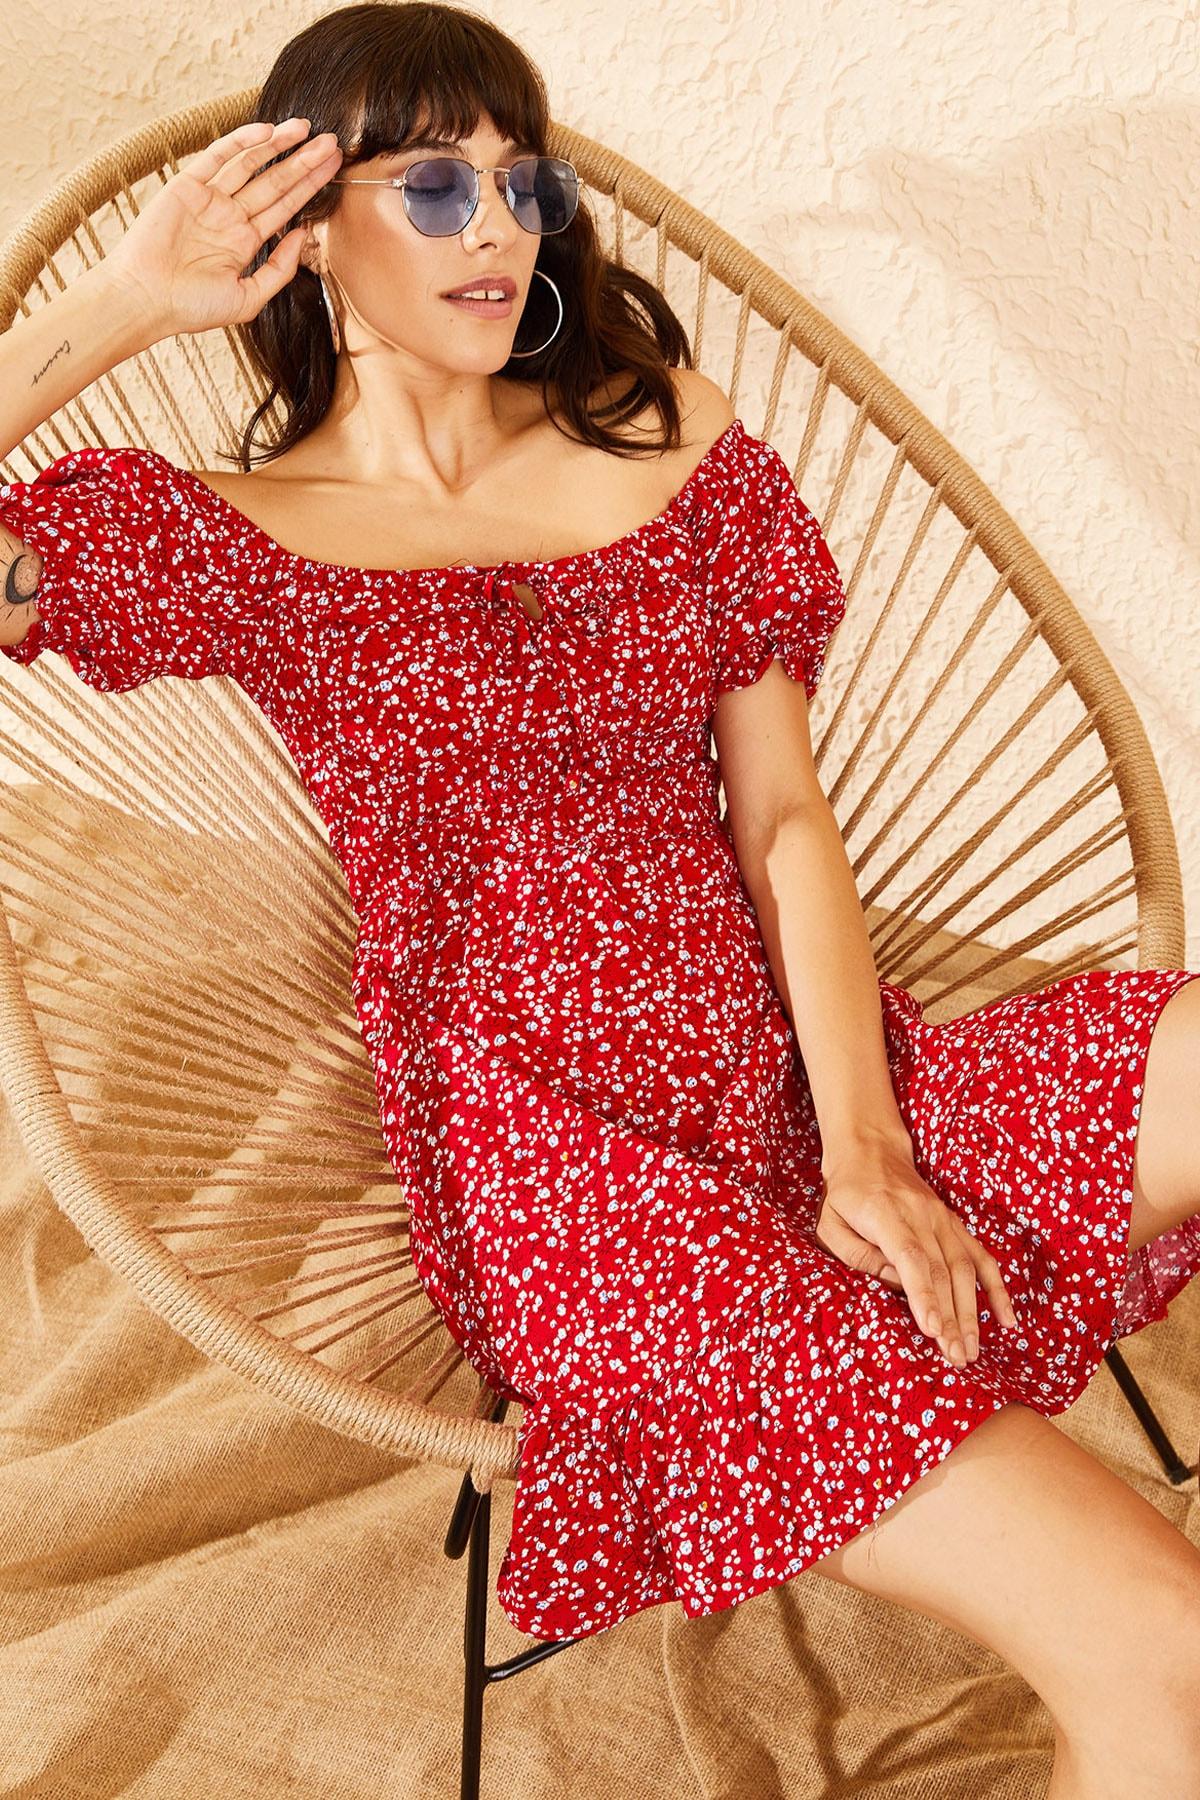 Bianco Lucci Kadın Kırmızı Gipeli İp Askılı Küçük Çiçek Desenli Elbise 10091046 0